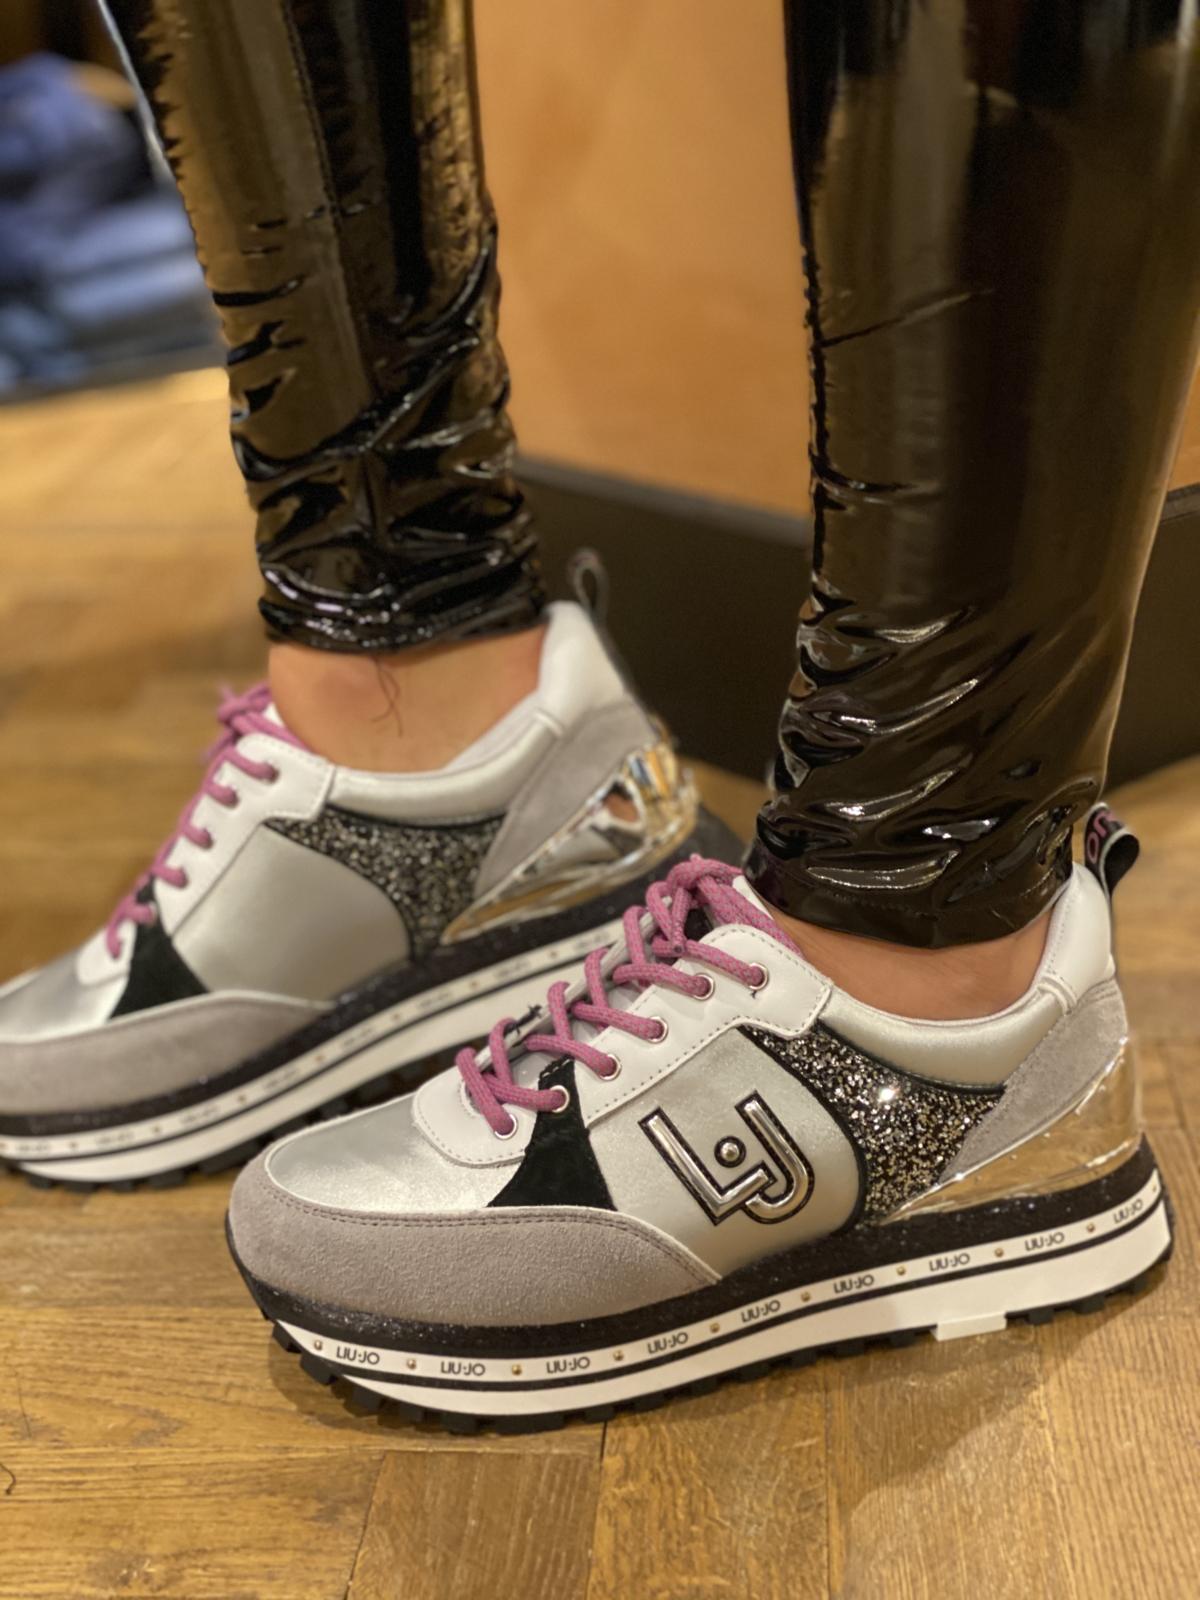 Liu jo sneaker 👟 spring